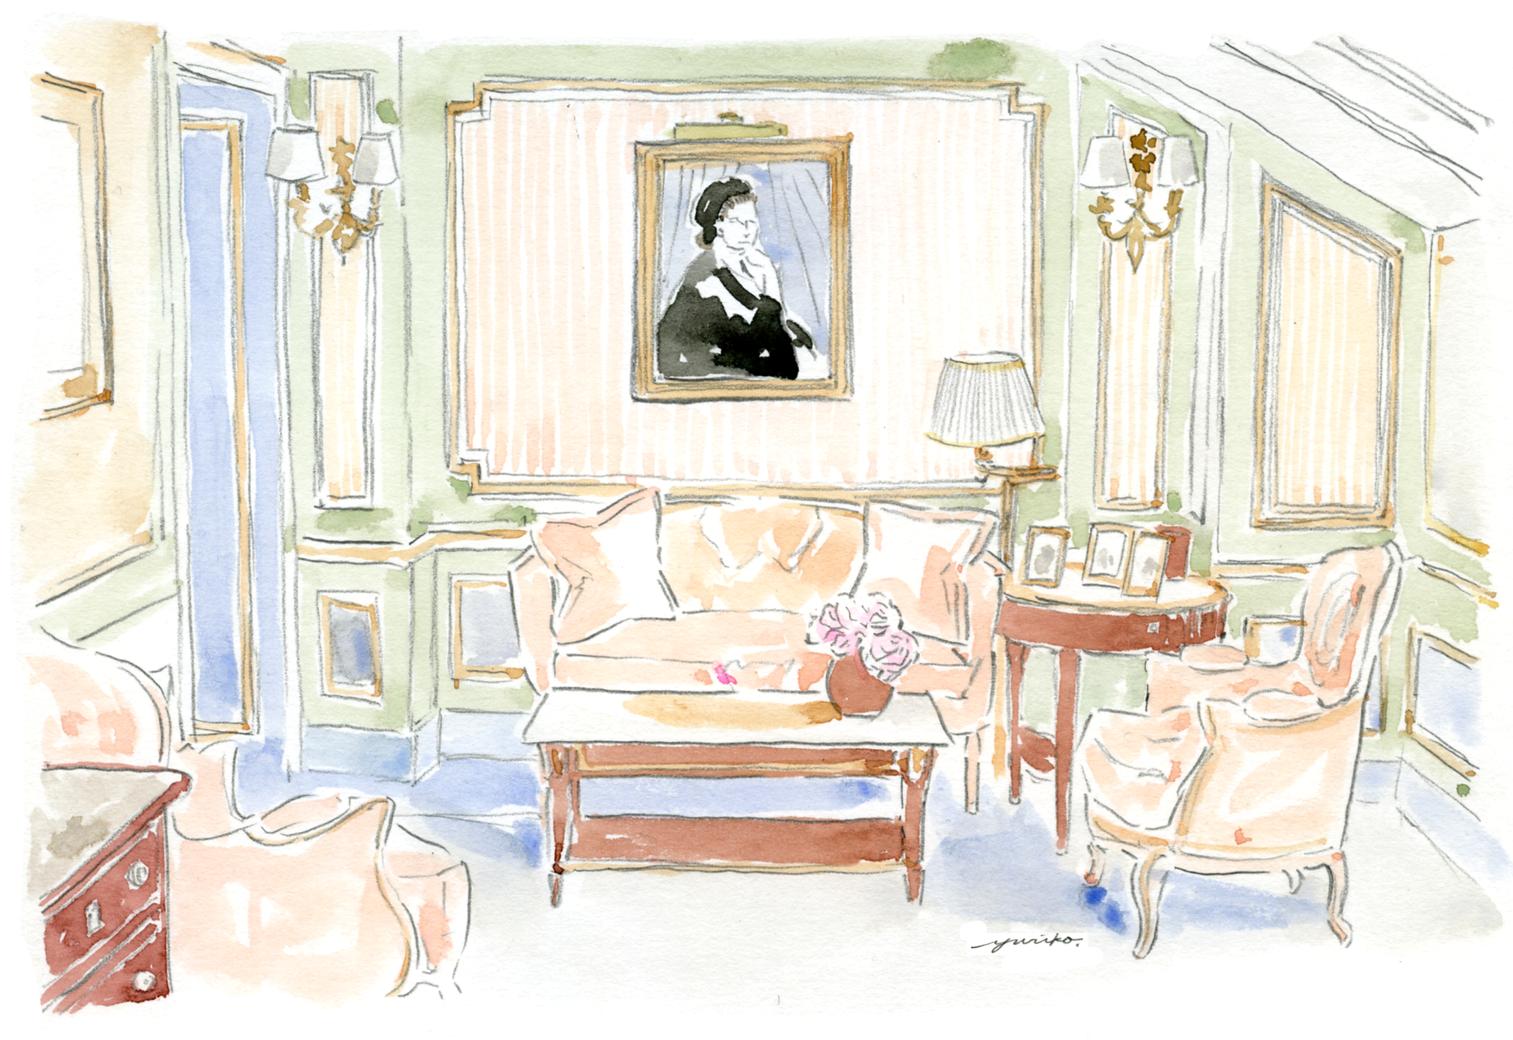 hotel_ritz_illustration_yurikooyama_sq.png